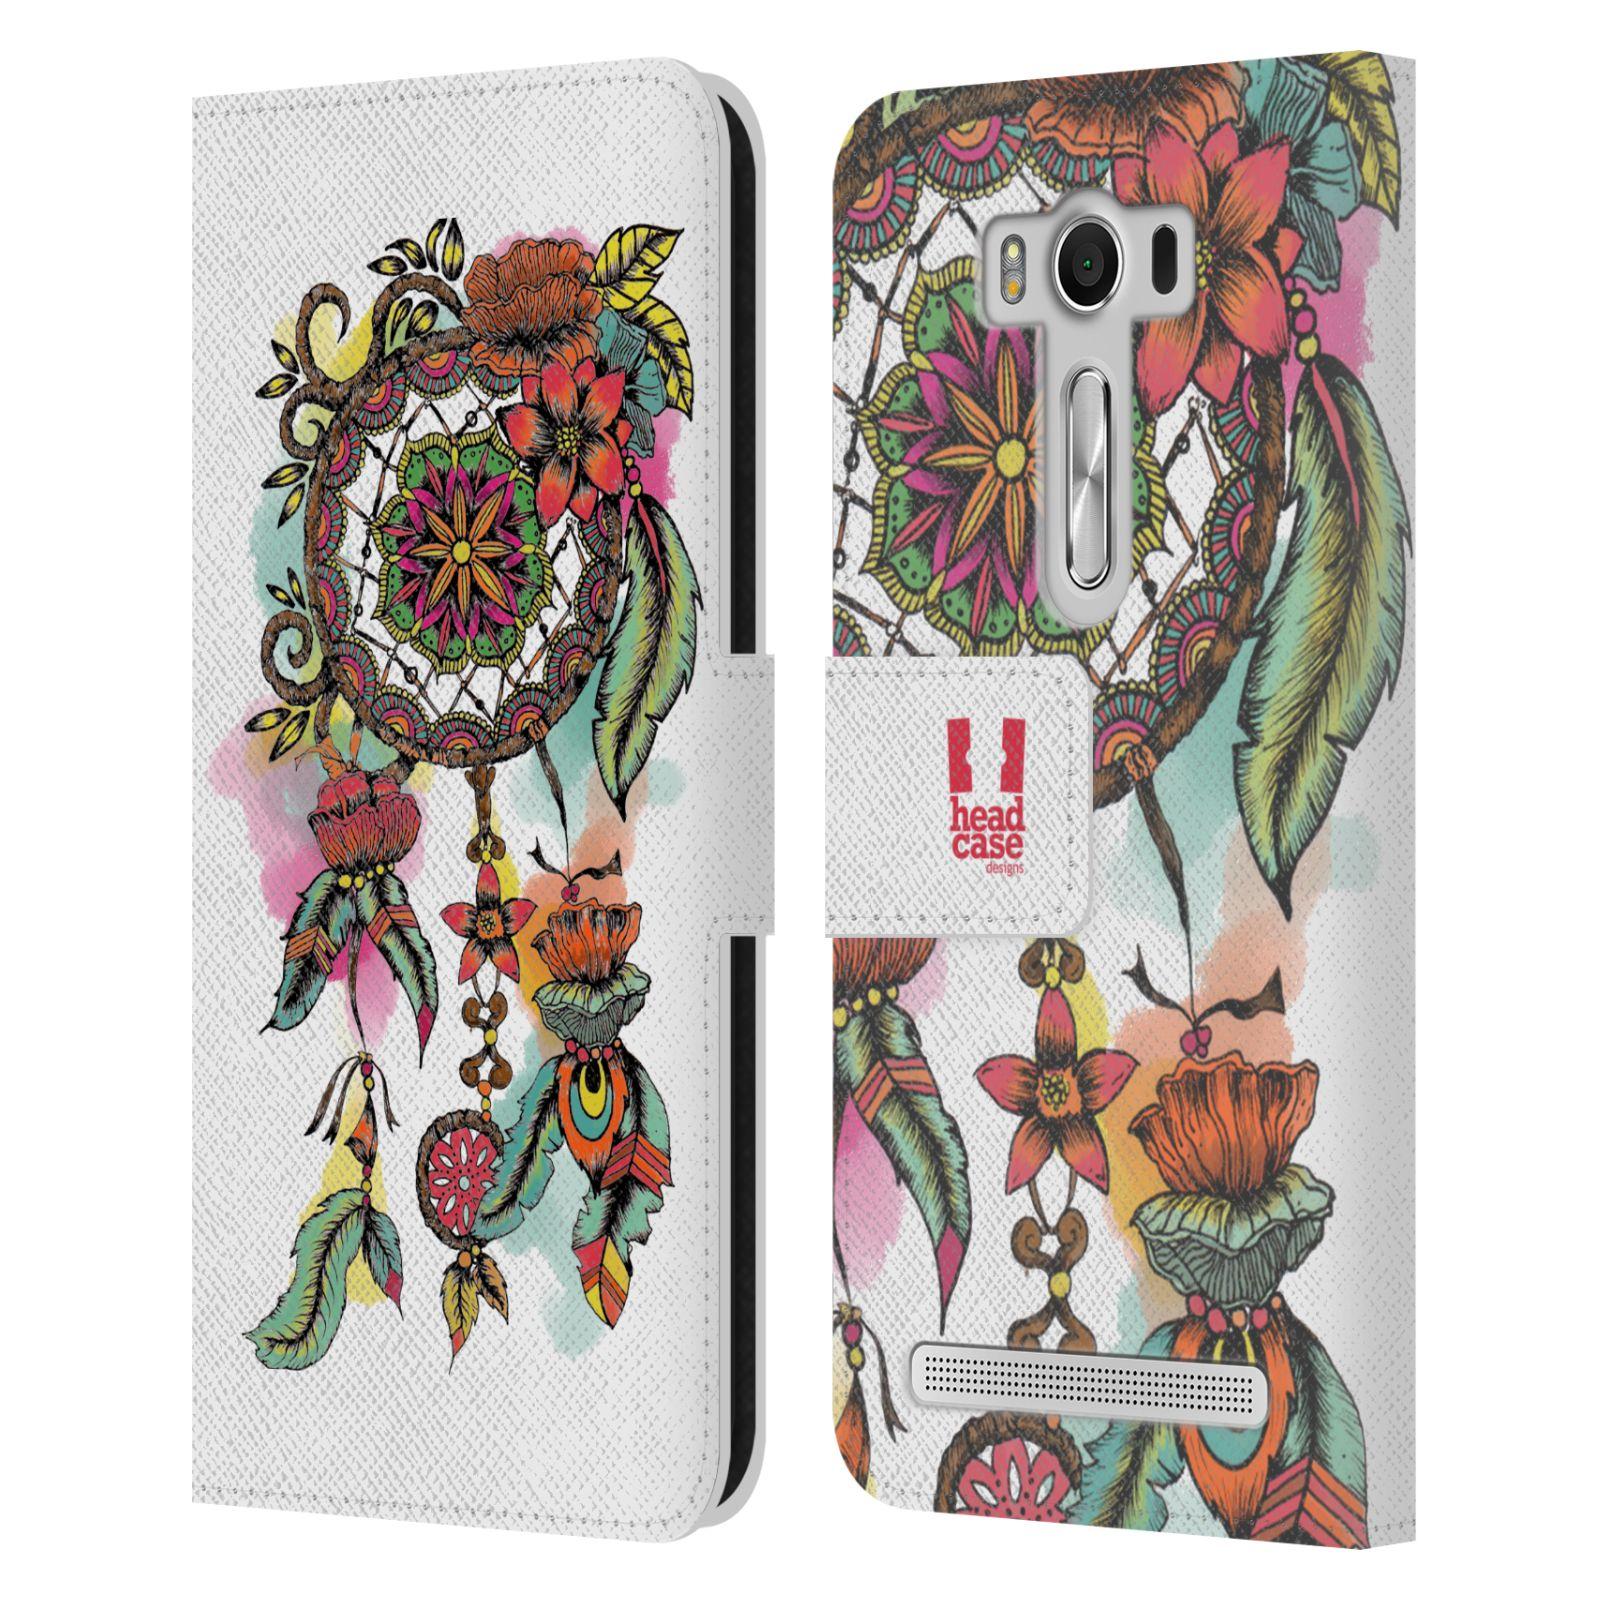 Pouzdro na mobil Asus Zenfone 2 Laser ZE500KL - Head Case - Lapač snů květy červená